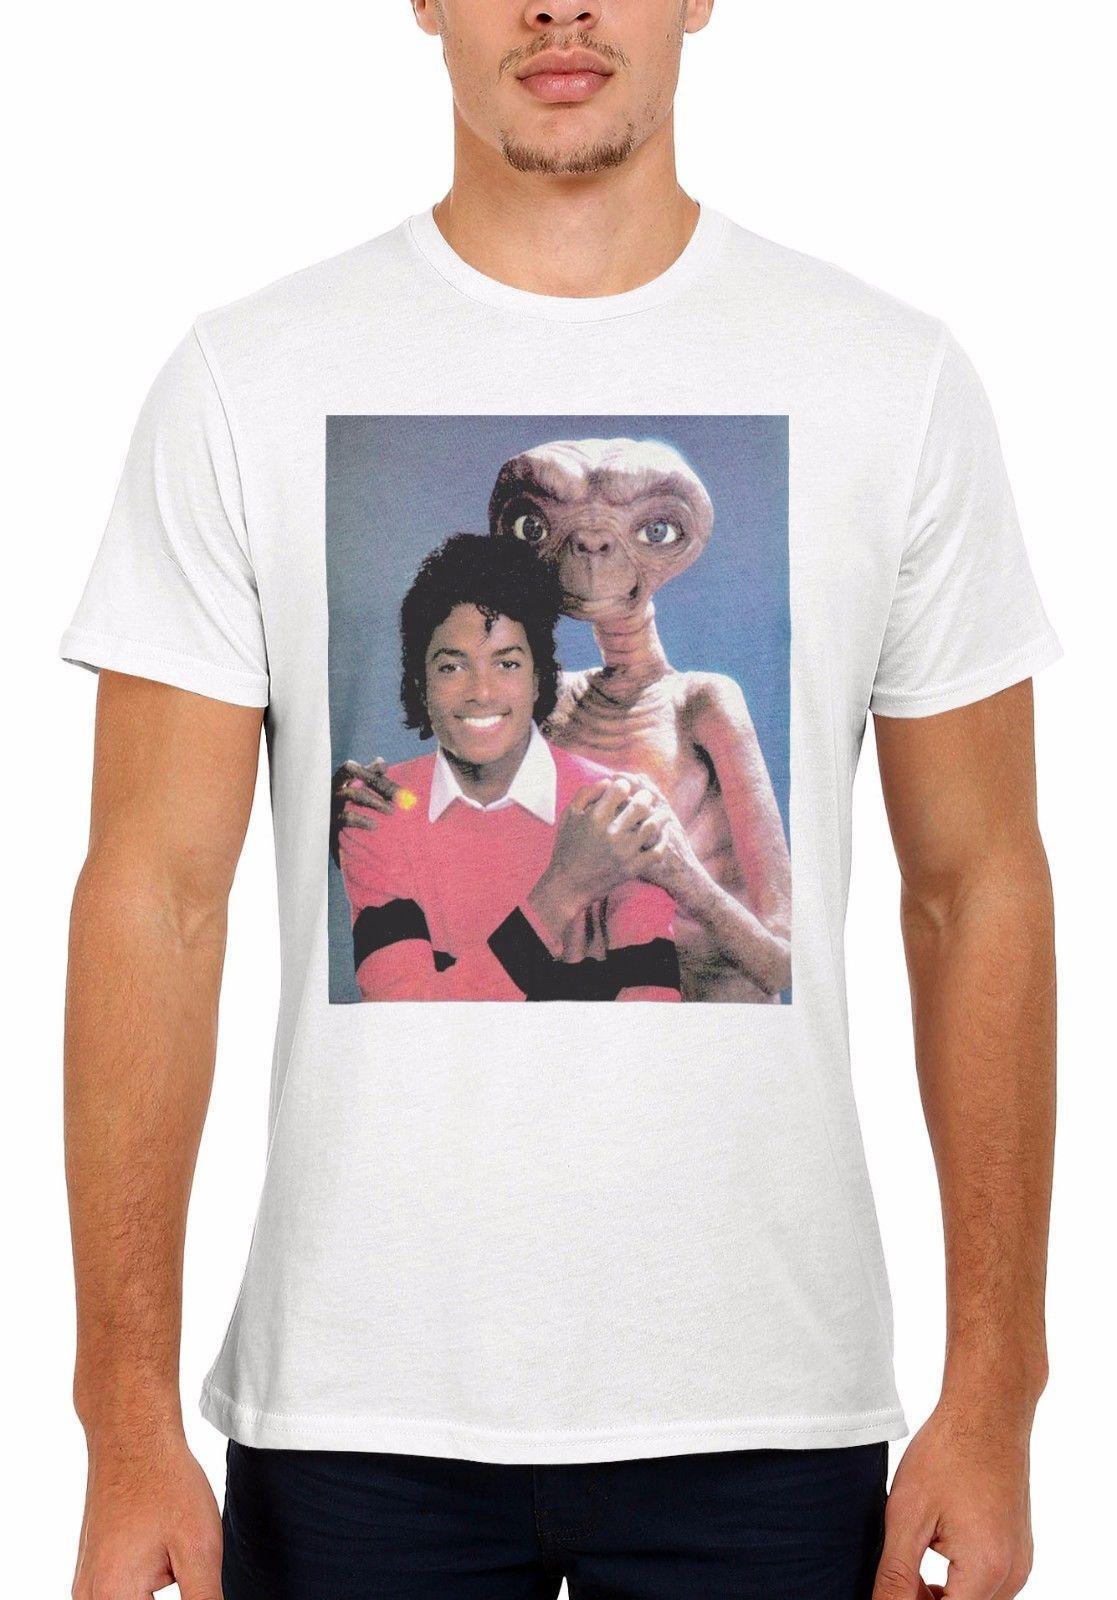 19e8df257 Alien E.T. Hugs Michael Jackson Men Women Vest Tank Top Unisex T Shirt 2037  Online Shopping For T Shirt Silly Tee Shirts From Linnan00004, $14.67|  DHgate.